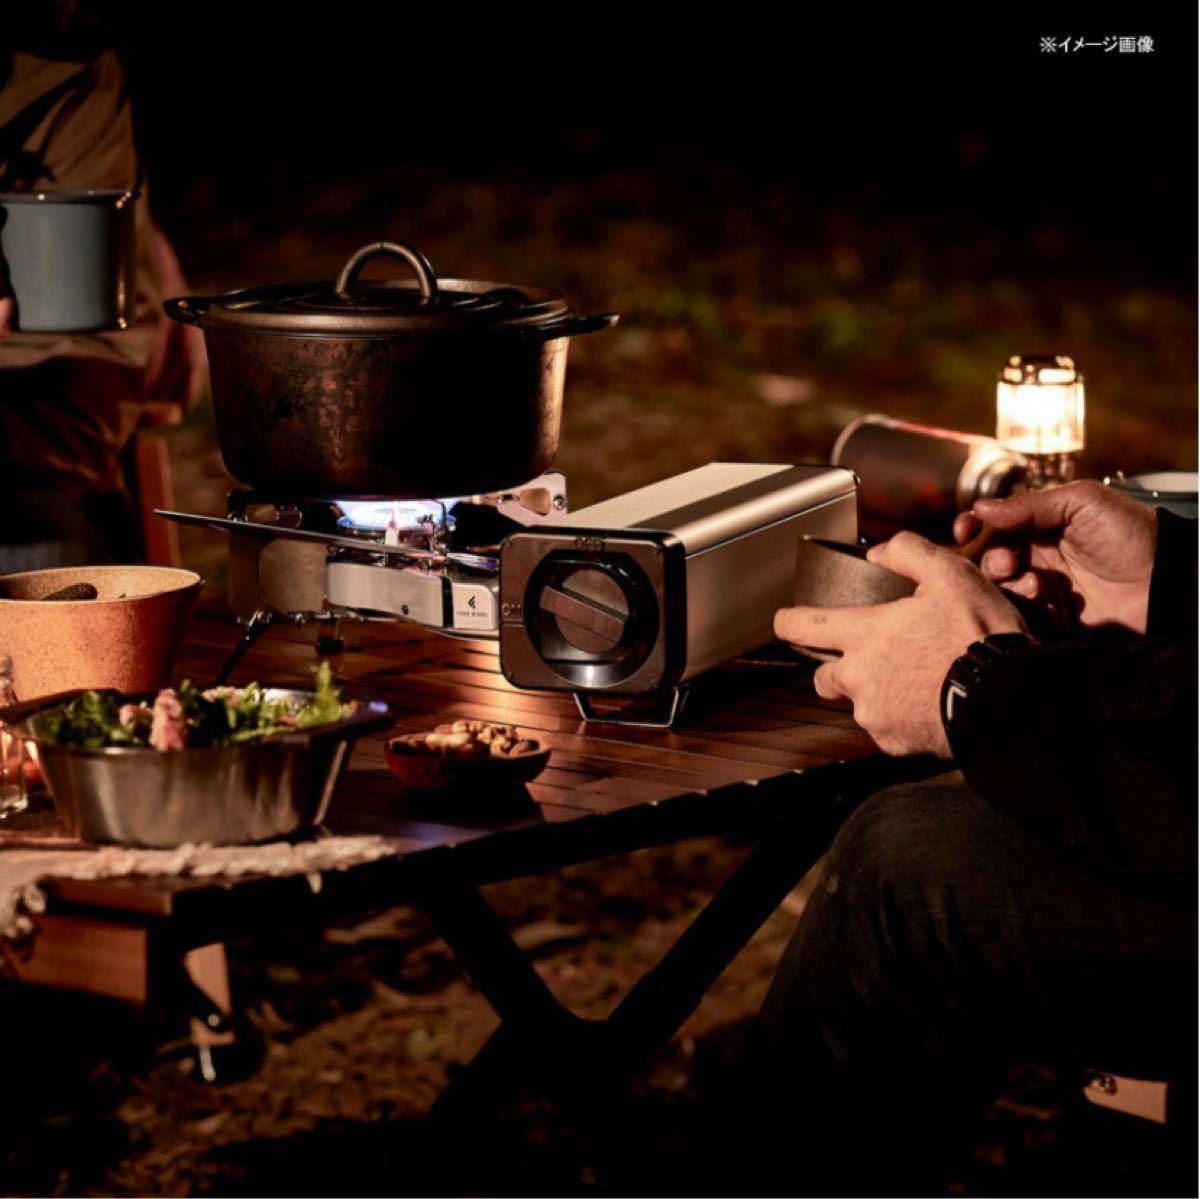 カセットコンロ フォールディング キャンプストーブ シルバー FWFS01SL FOREWINDS FOLDING CAMP